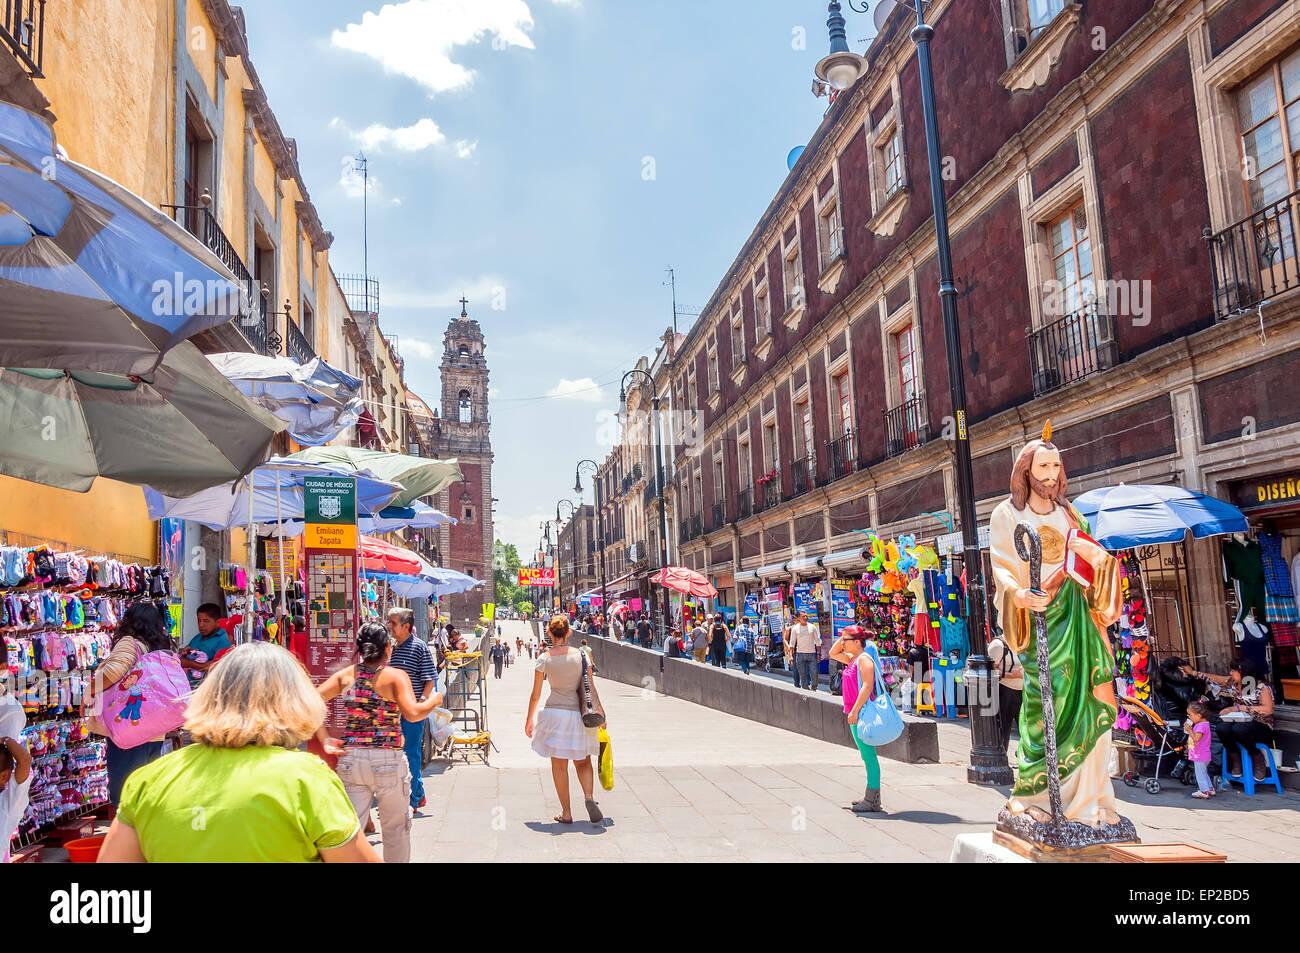 Ciudad de México, México - Abril 29, 2014: los lugareños y turistas en el zócalo, las calles Imagen De Stock